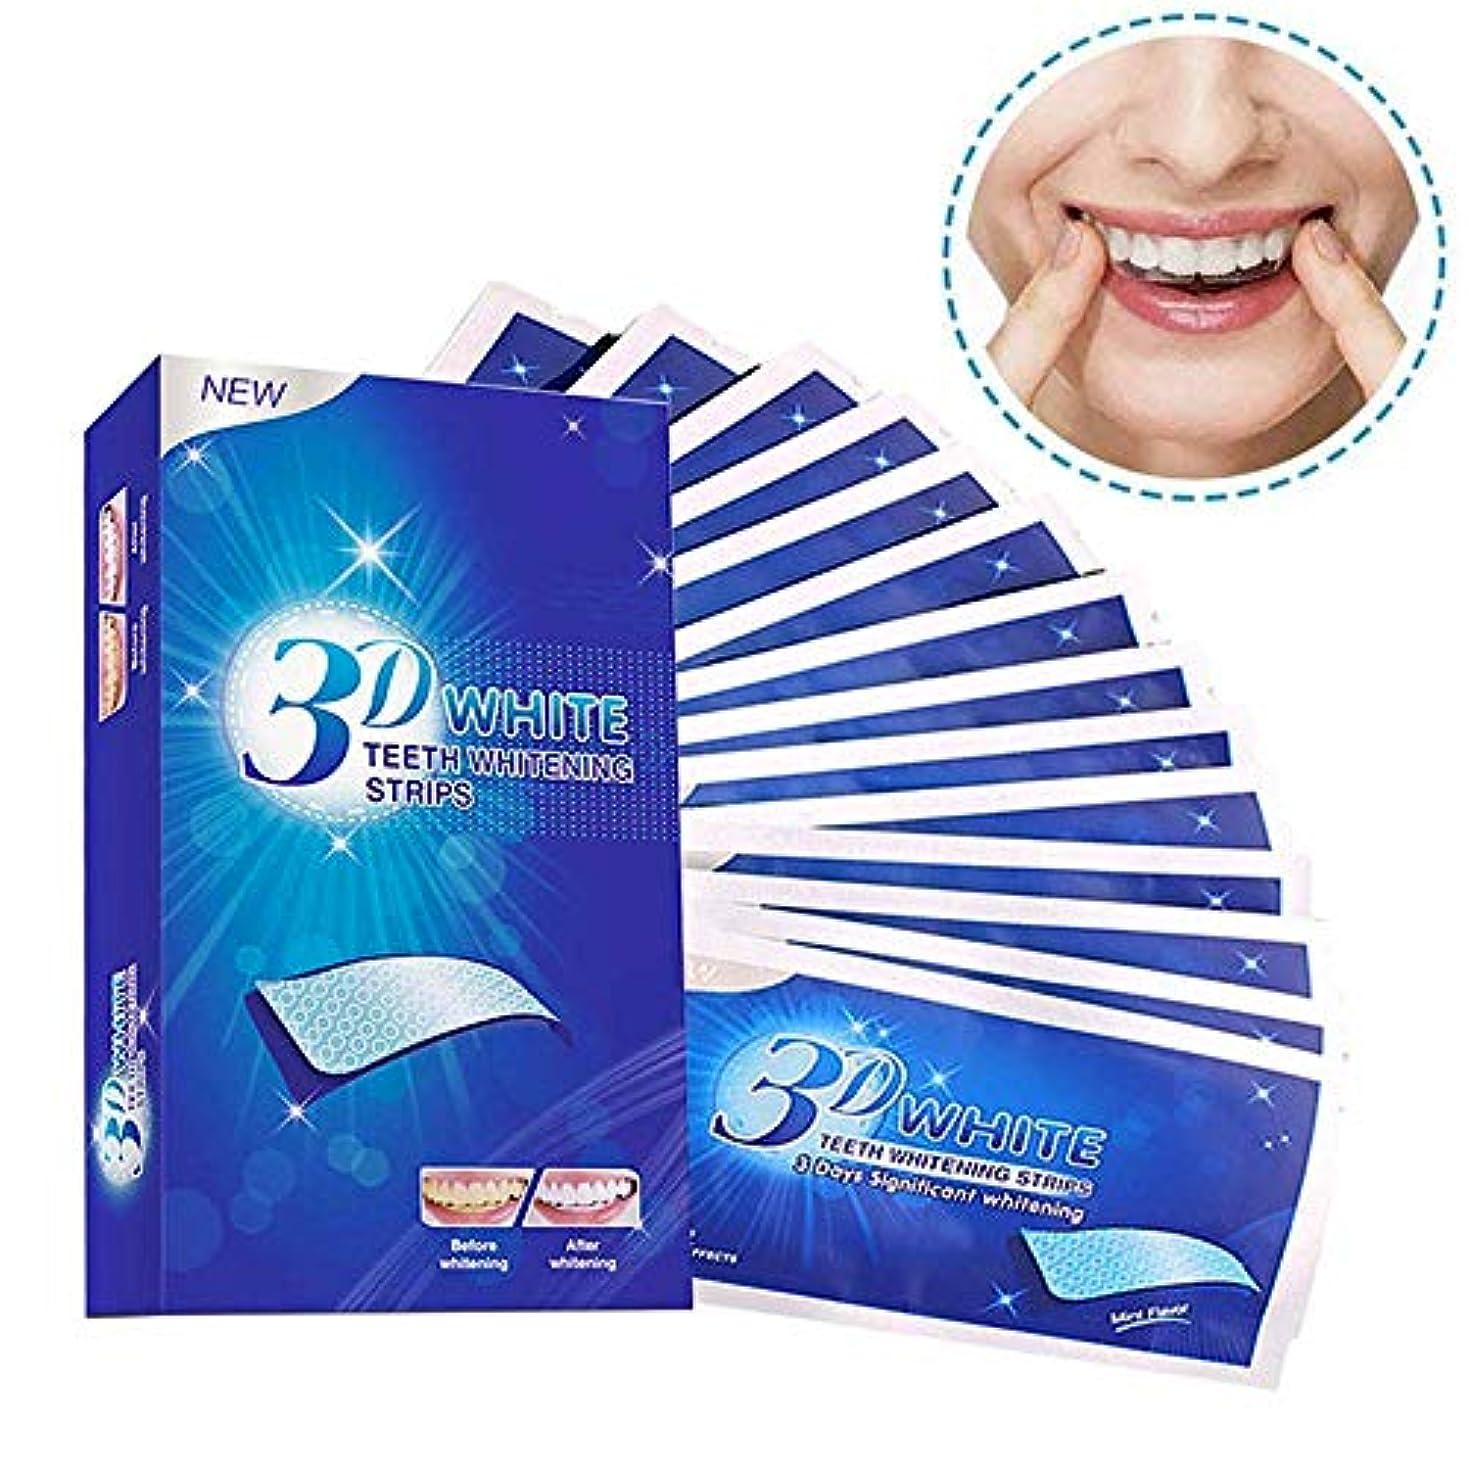 トランクライブラリ期待する習慣歯 美白 ホワイトニング マニキュア 歯ケア 歯のホワイトニング 歯を白 ホワイトニングテープ 歯を漂白 7セット/14枚 (7セット/14枚)